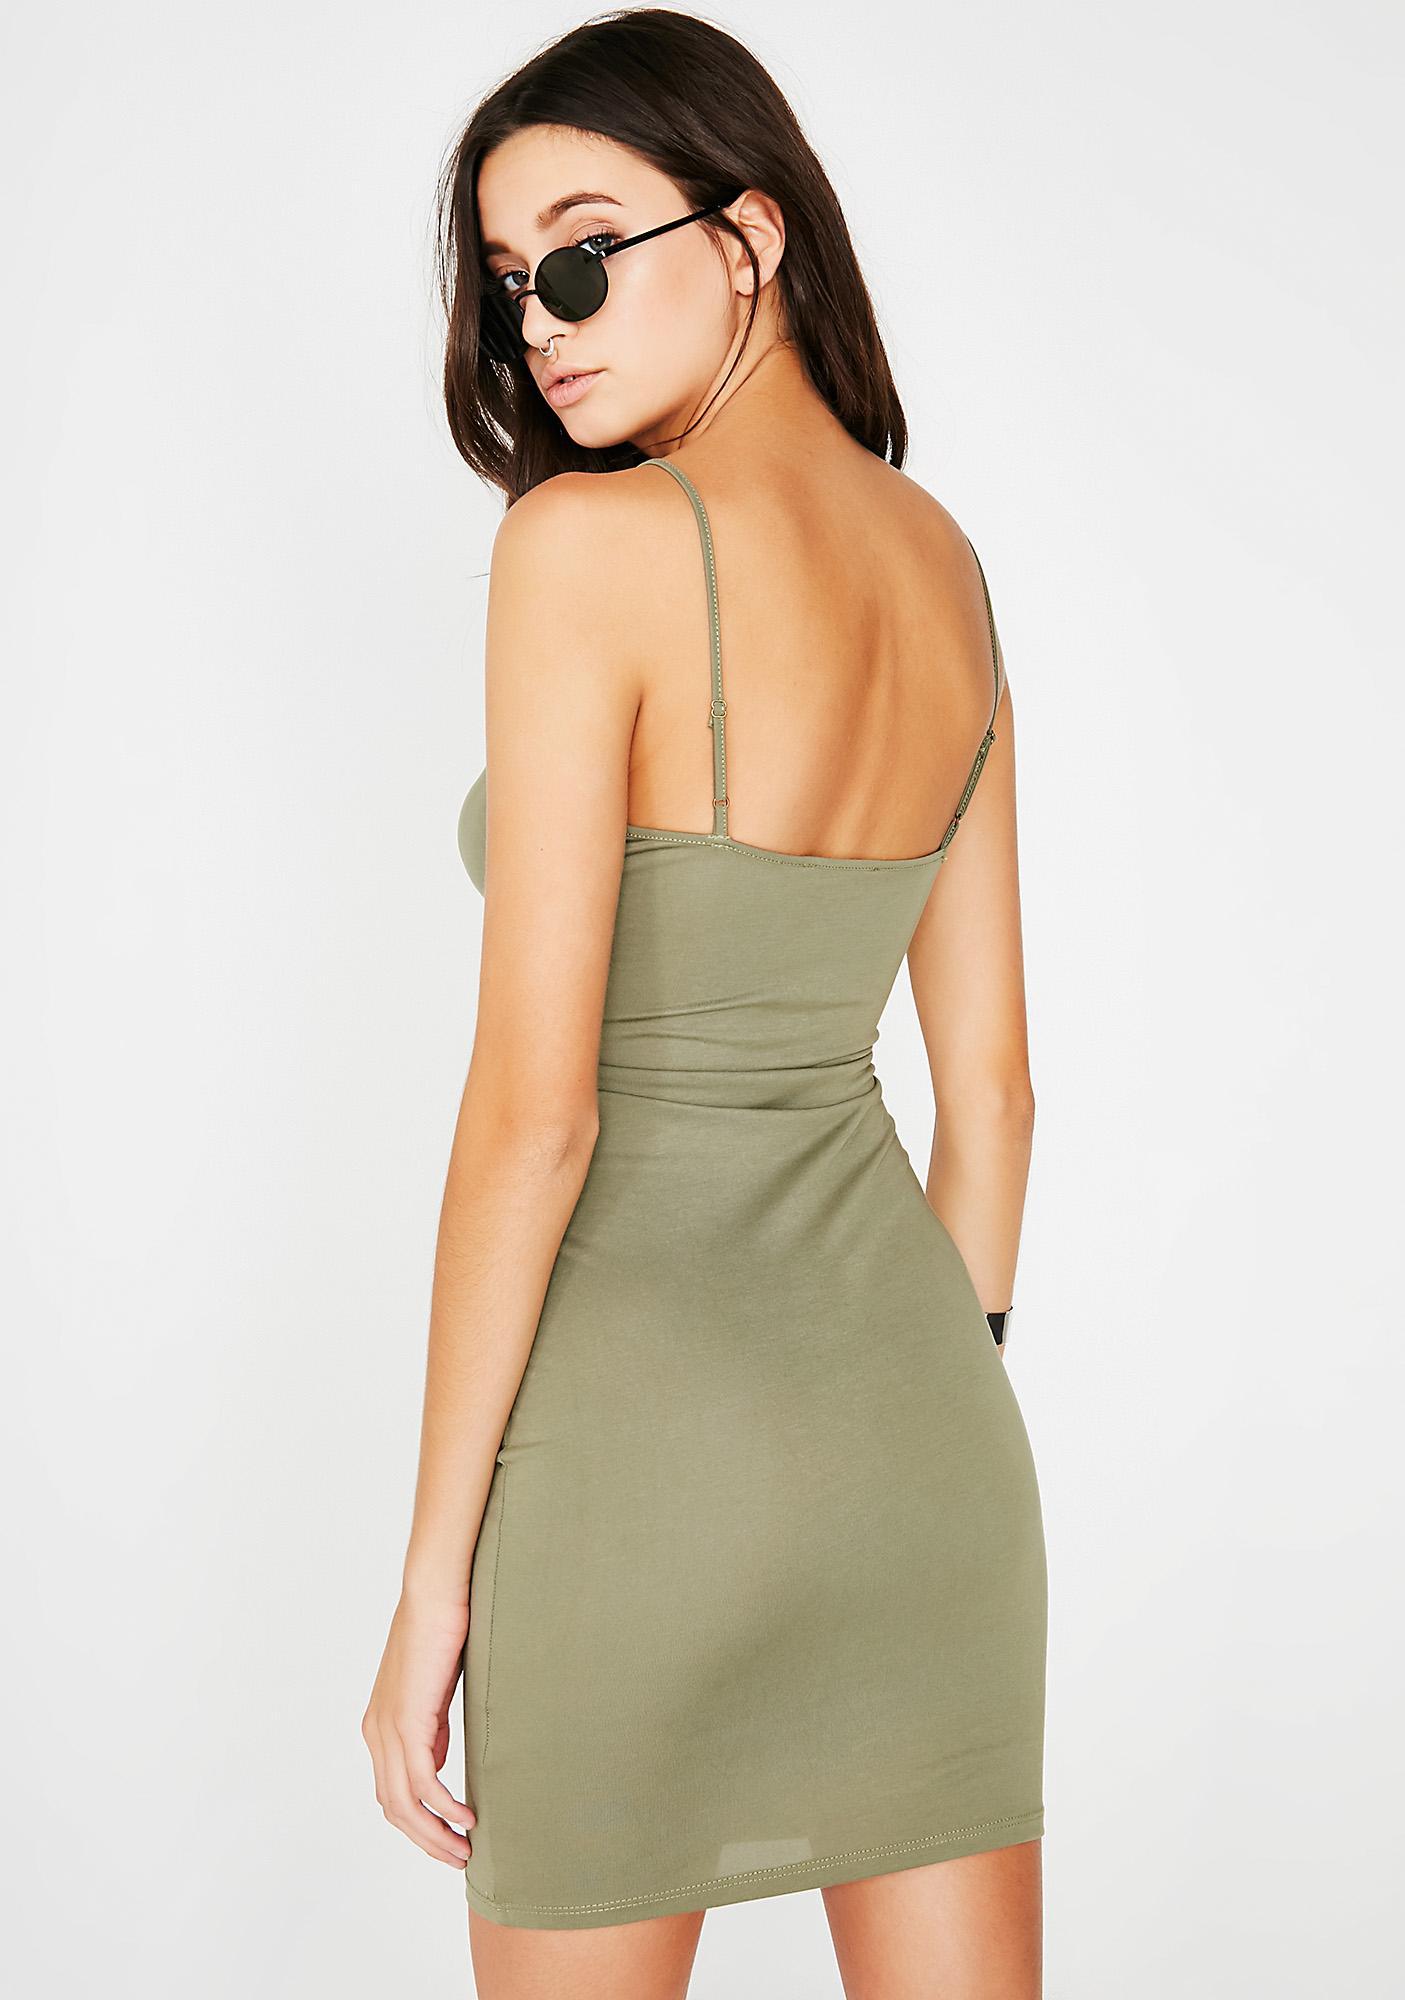 Untold Secrets Cut-Out Dress